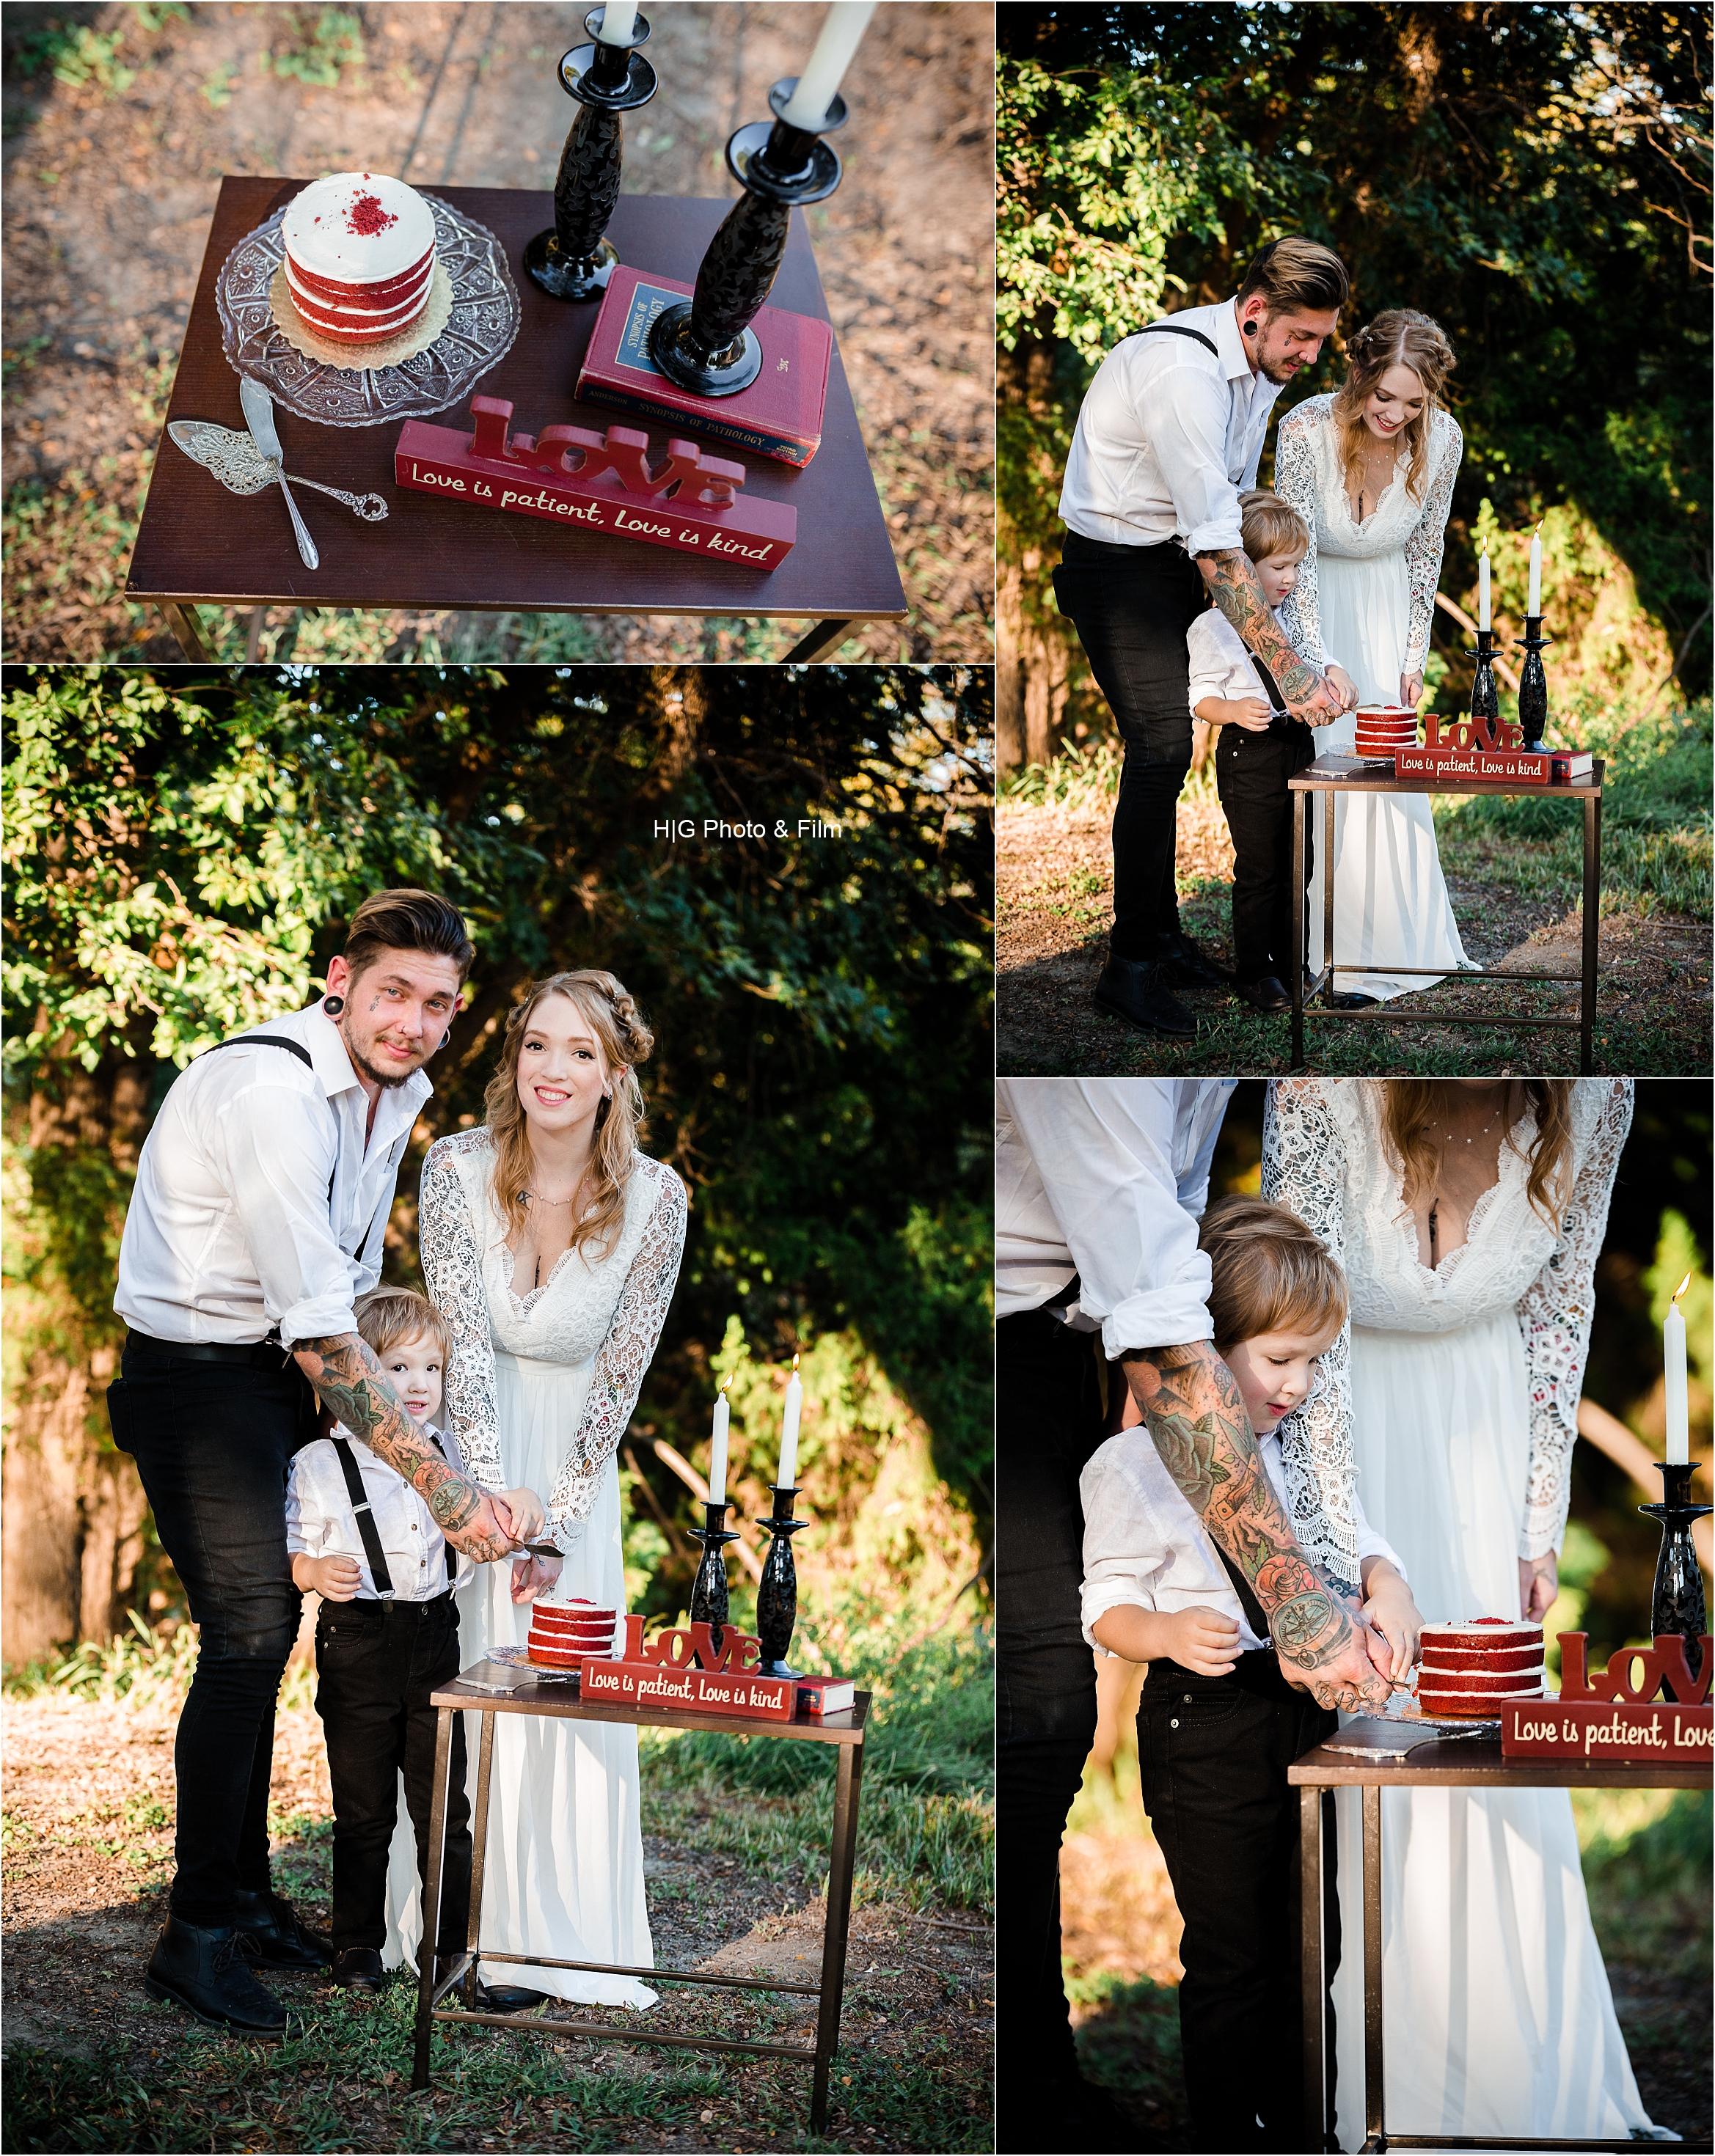 The yummy red velvet cake!